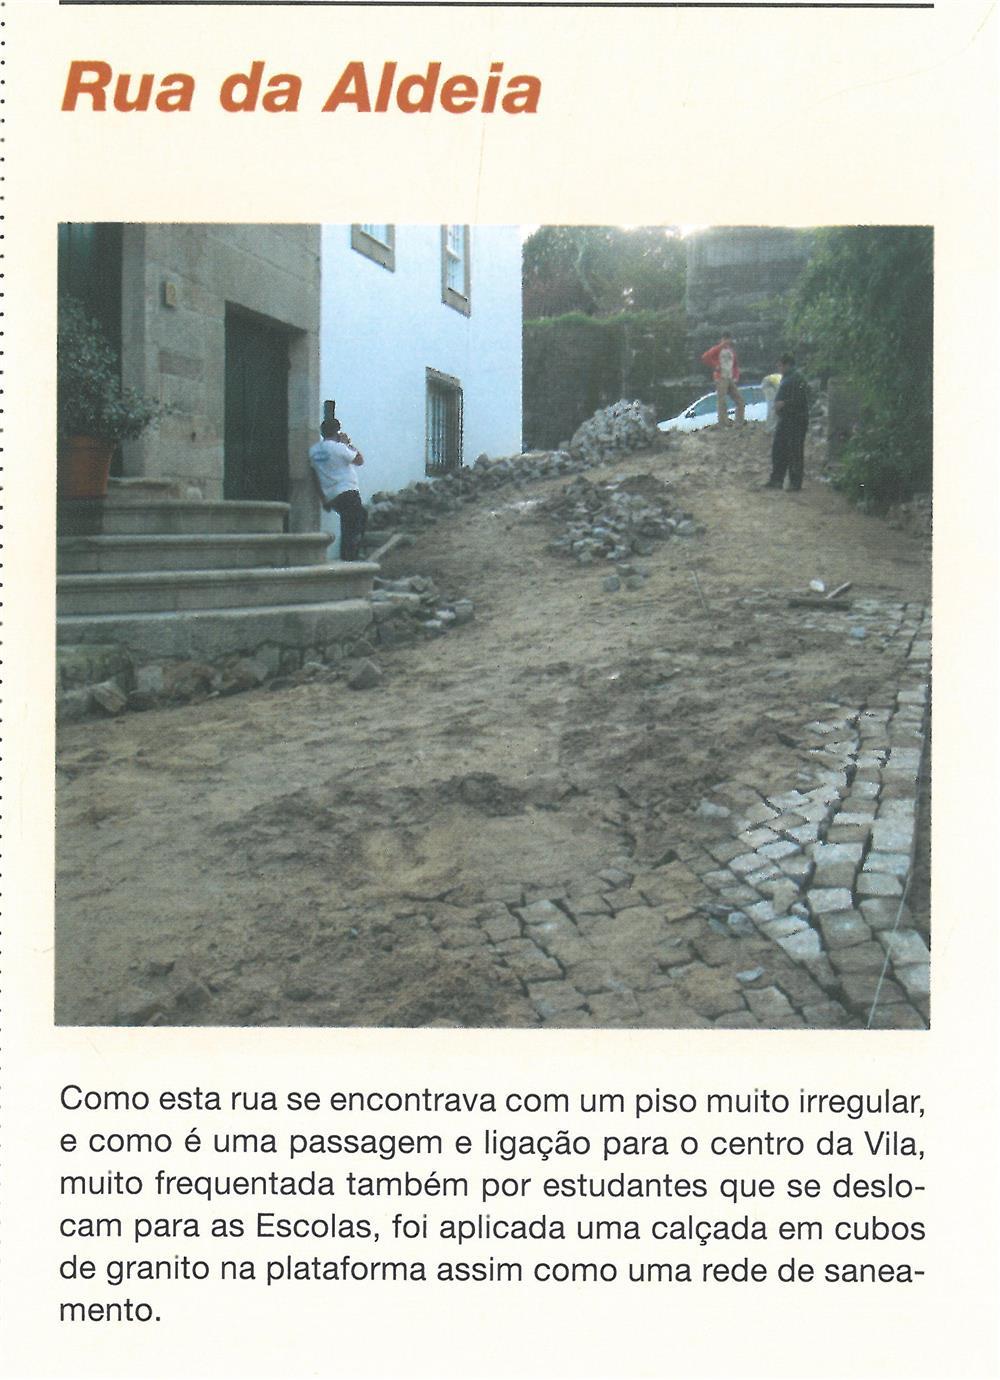 BoletimMunicipal-n.º 21-mar.'07-p.7-Obras Municipais : Obras Públicas : Rua da Aldeia.jpg